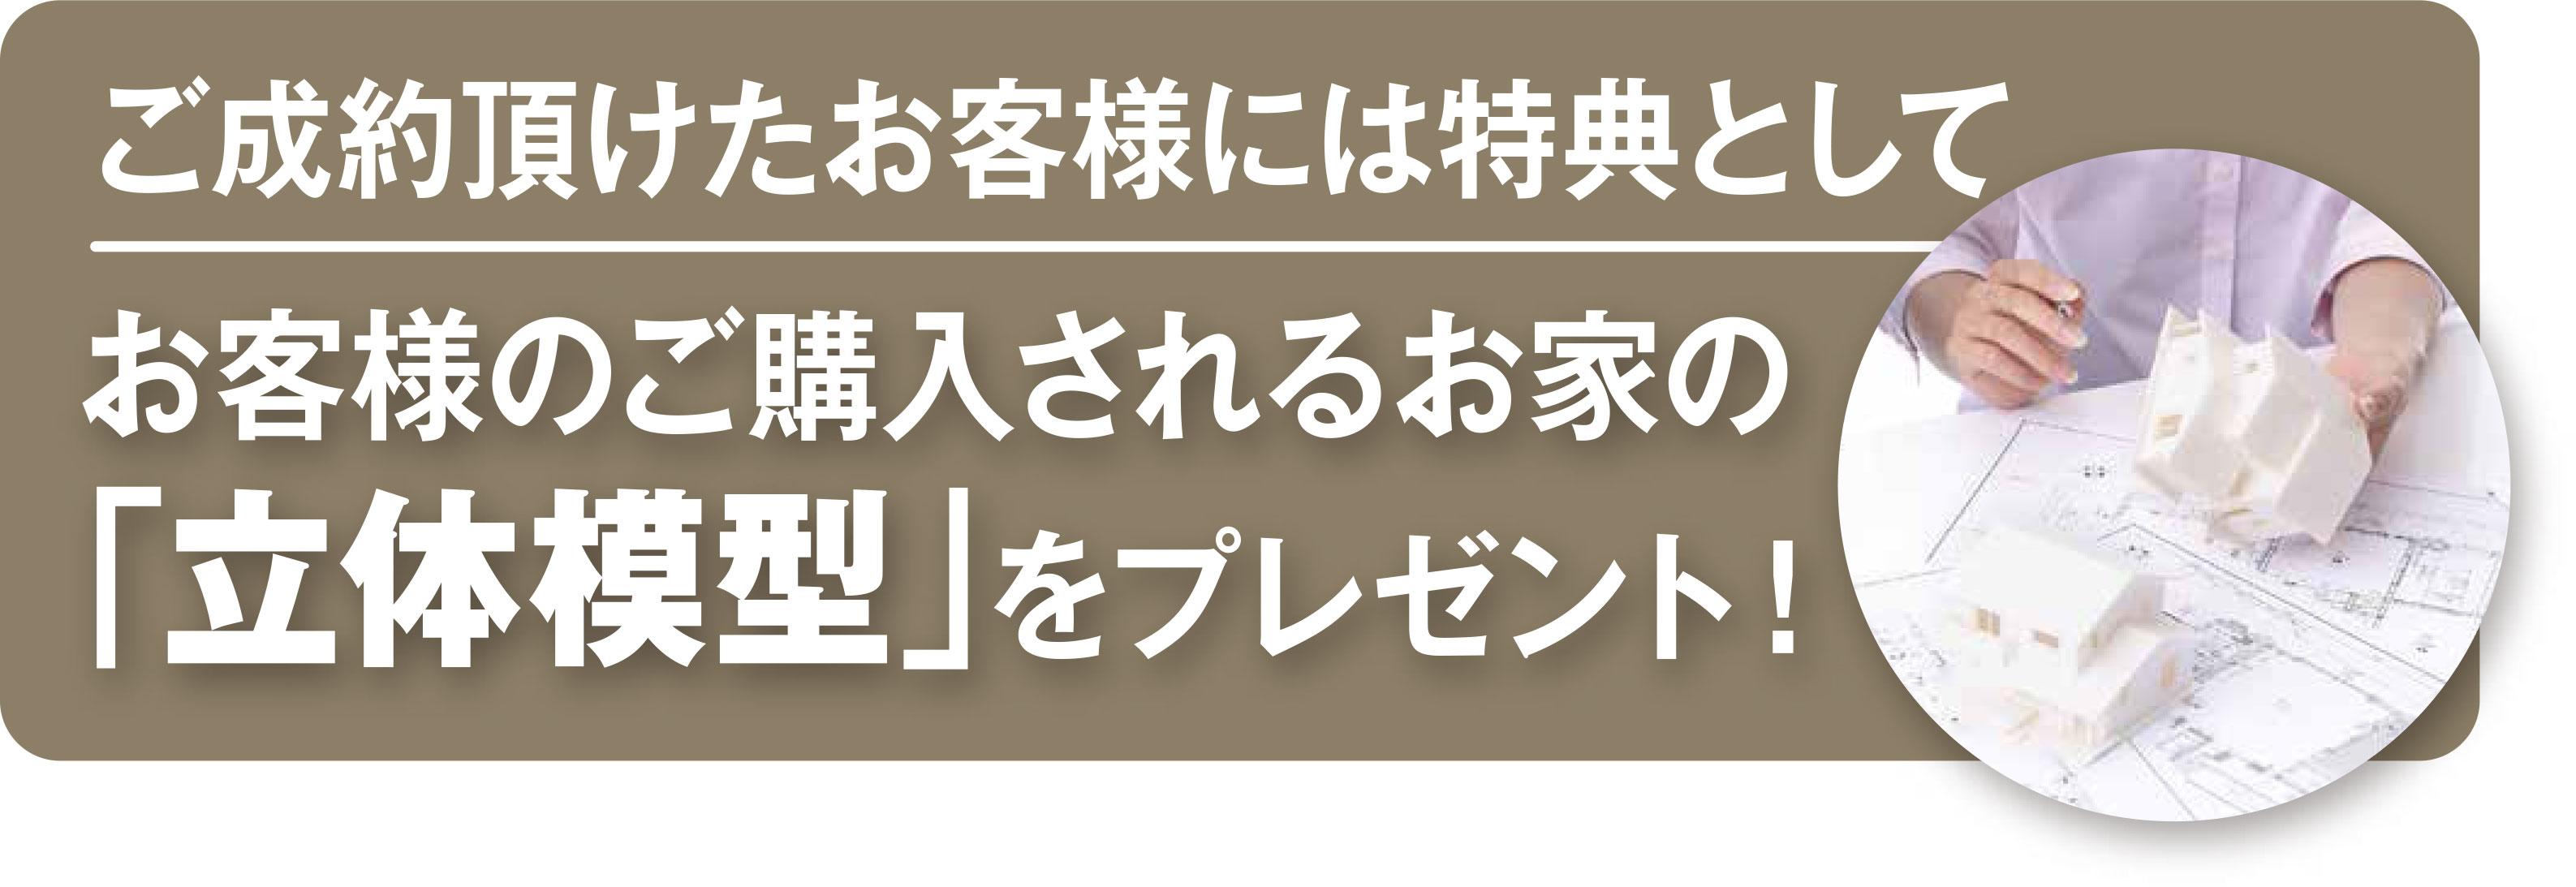 gaia-mokei